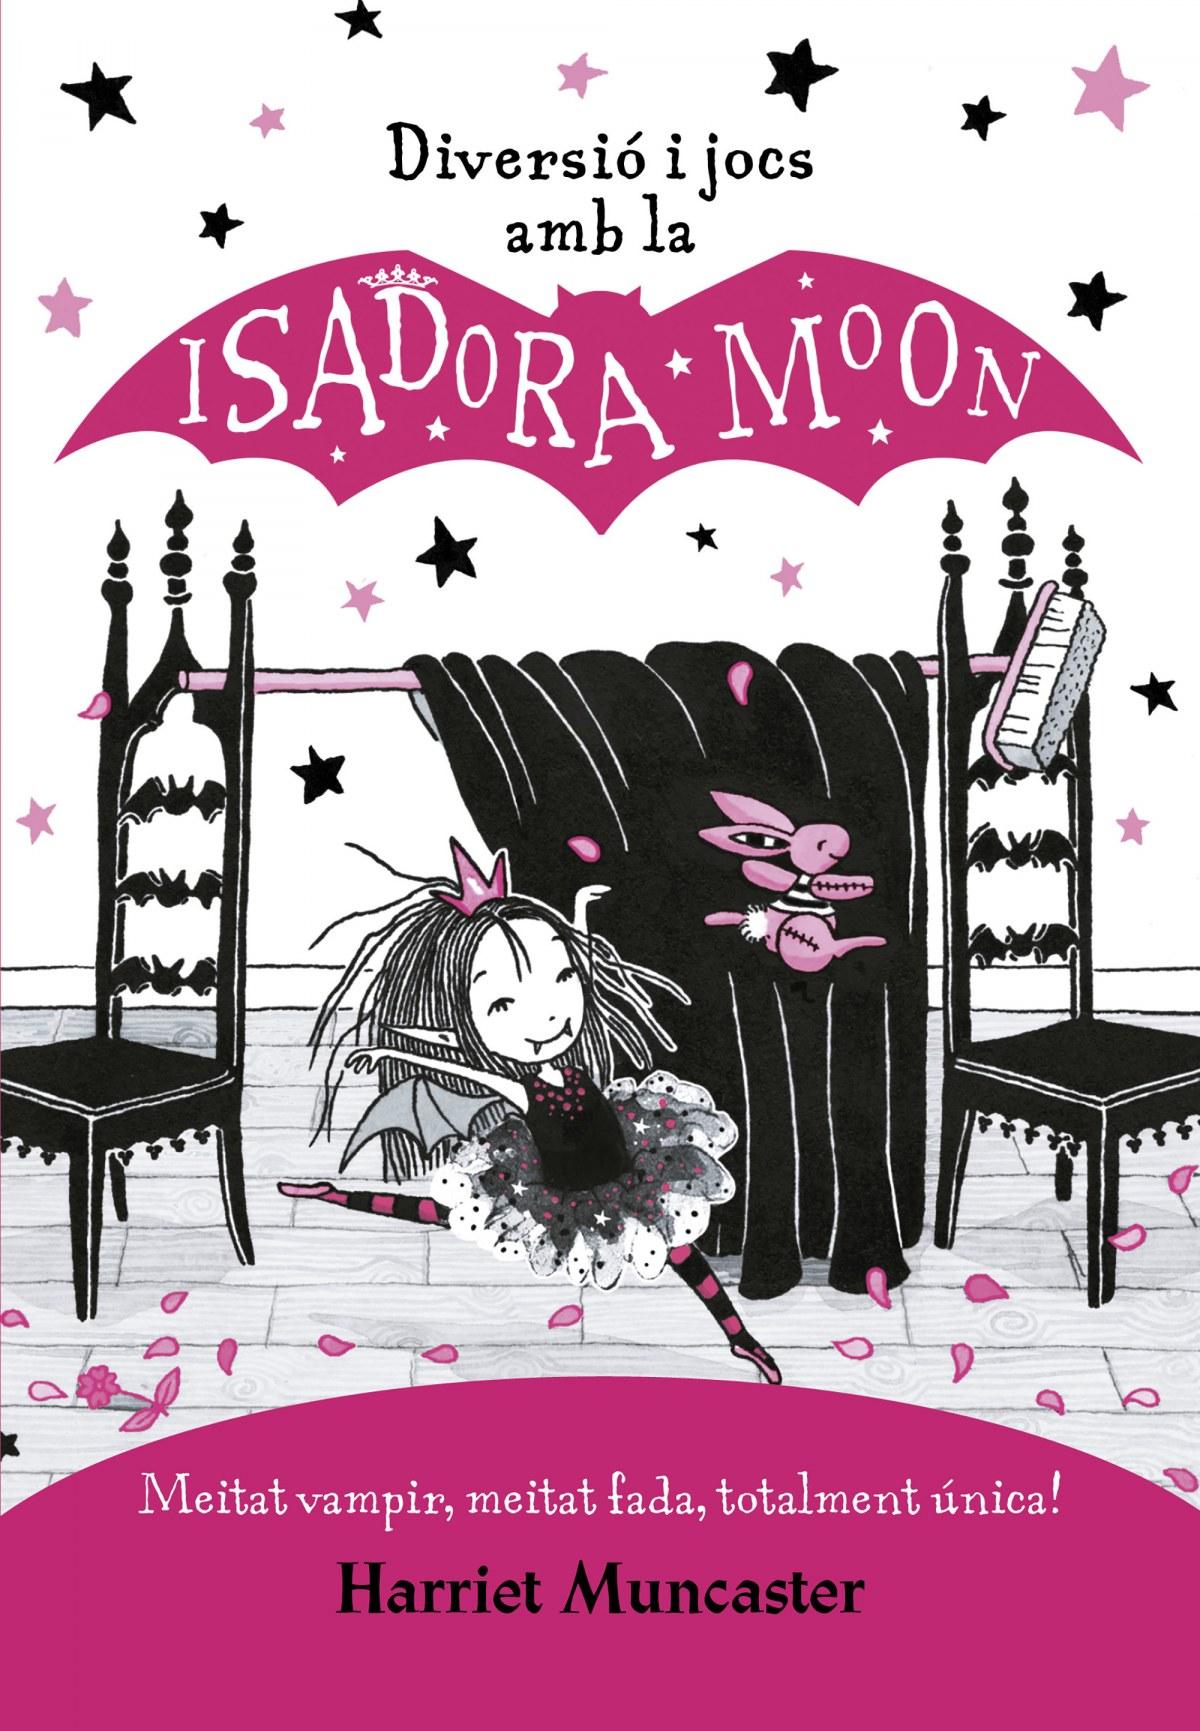 Diversió i jocs amb la Isadora Moon (La Isadora Moon)